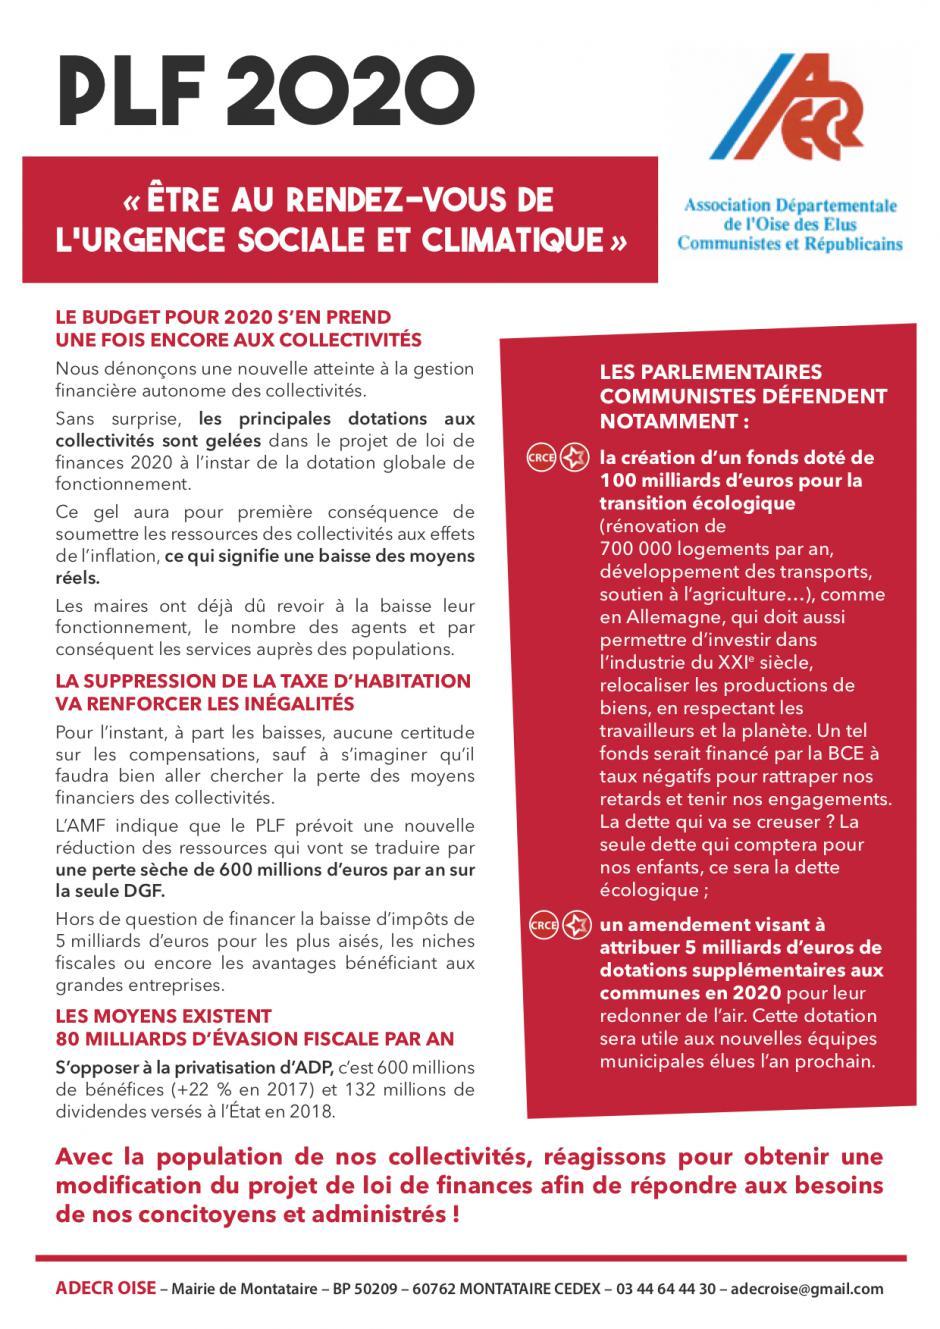 Tract «PLF 2020 : être au rendez-vous de l'urgence sociale et climatique » - ADECR Oise, 19 octobre 2019